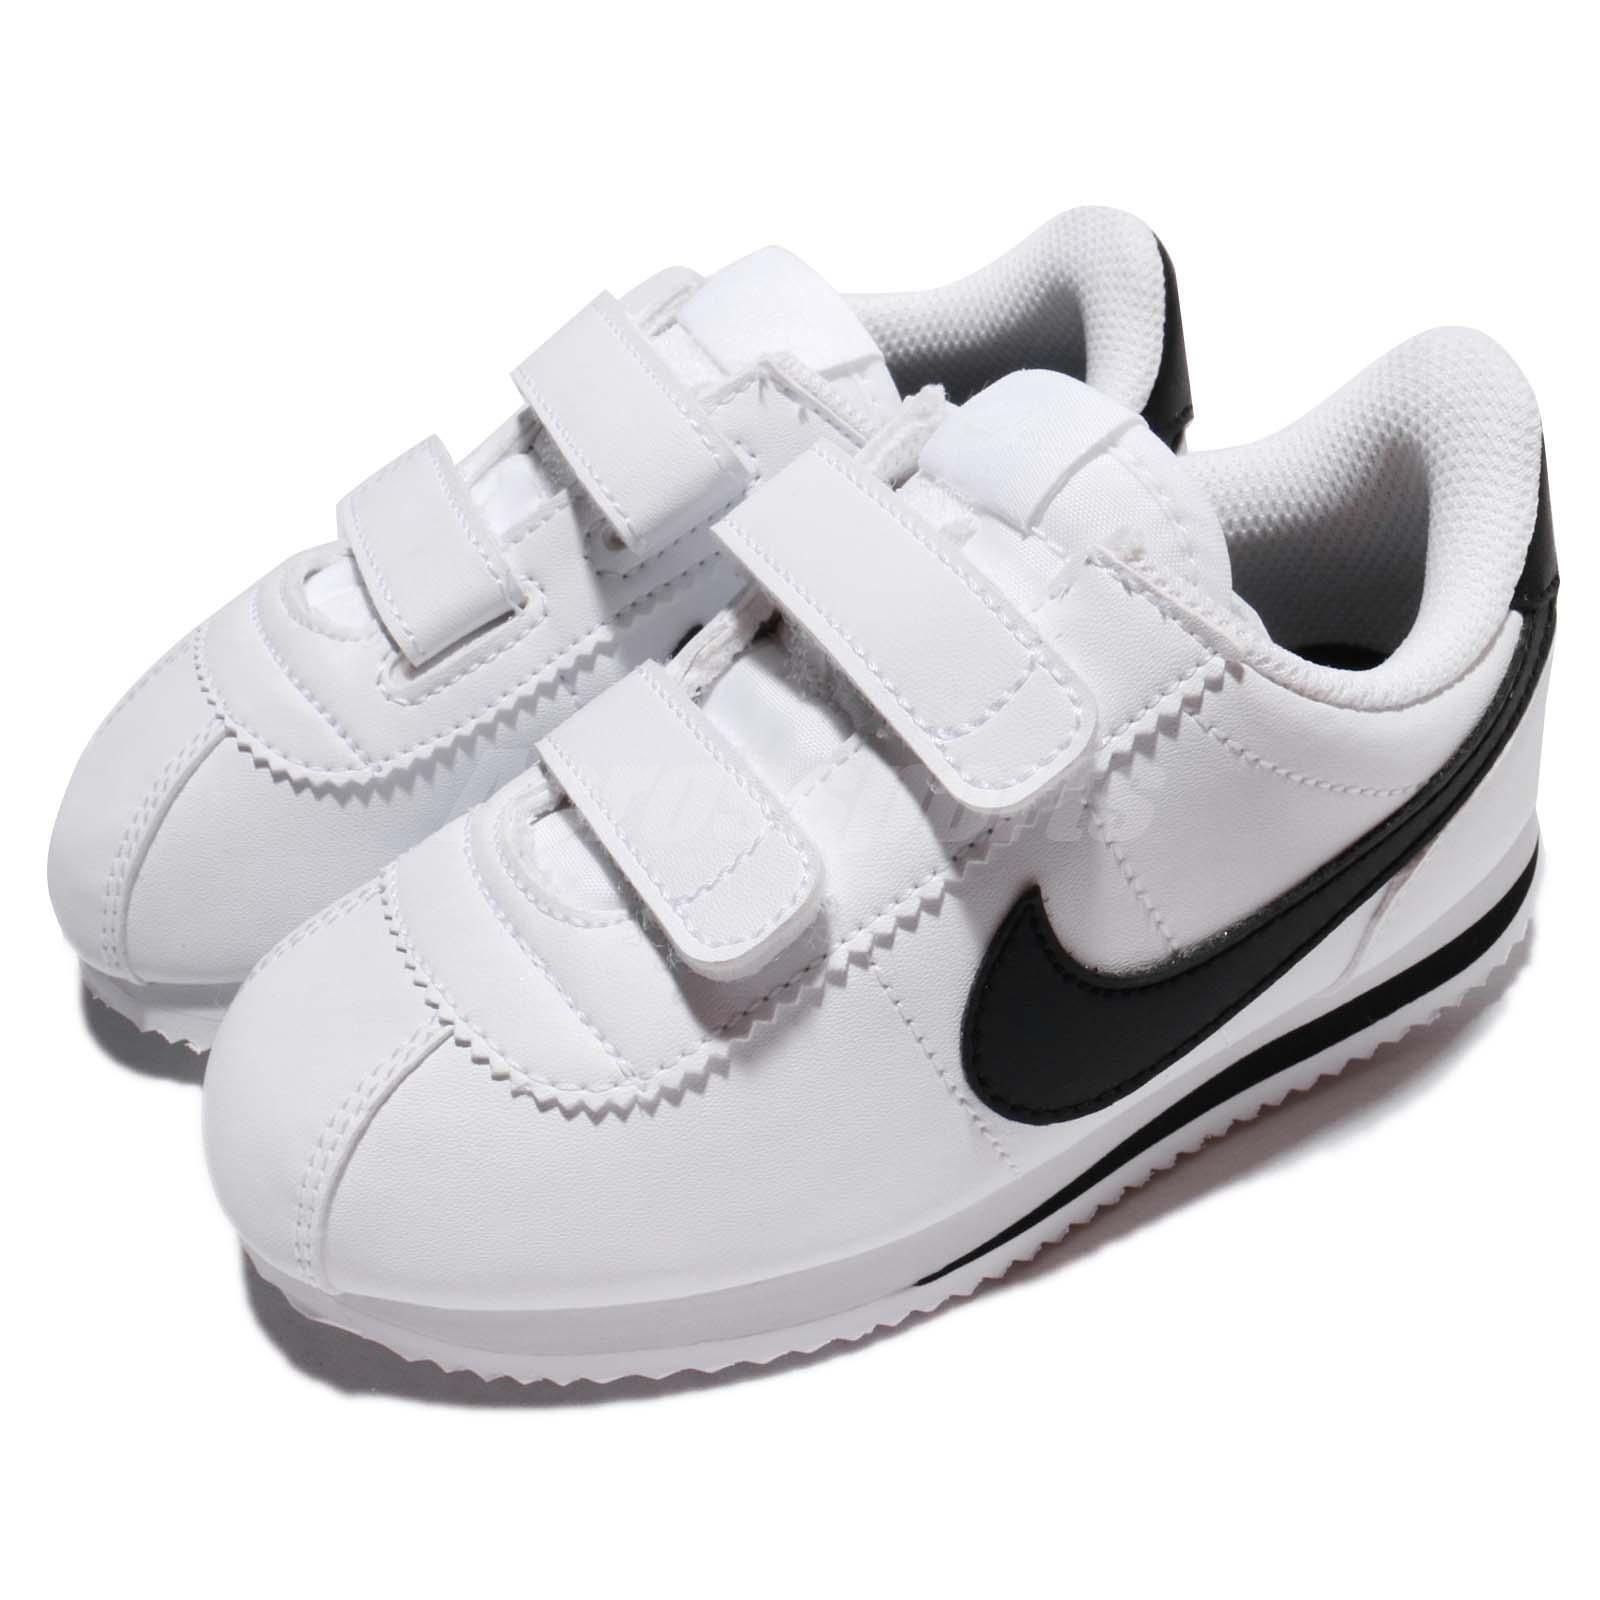 Nike Cortez Basic SL TDV White Black